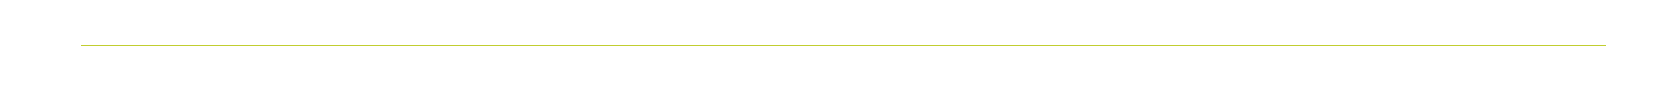 Green Line   assessURhealth